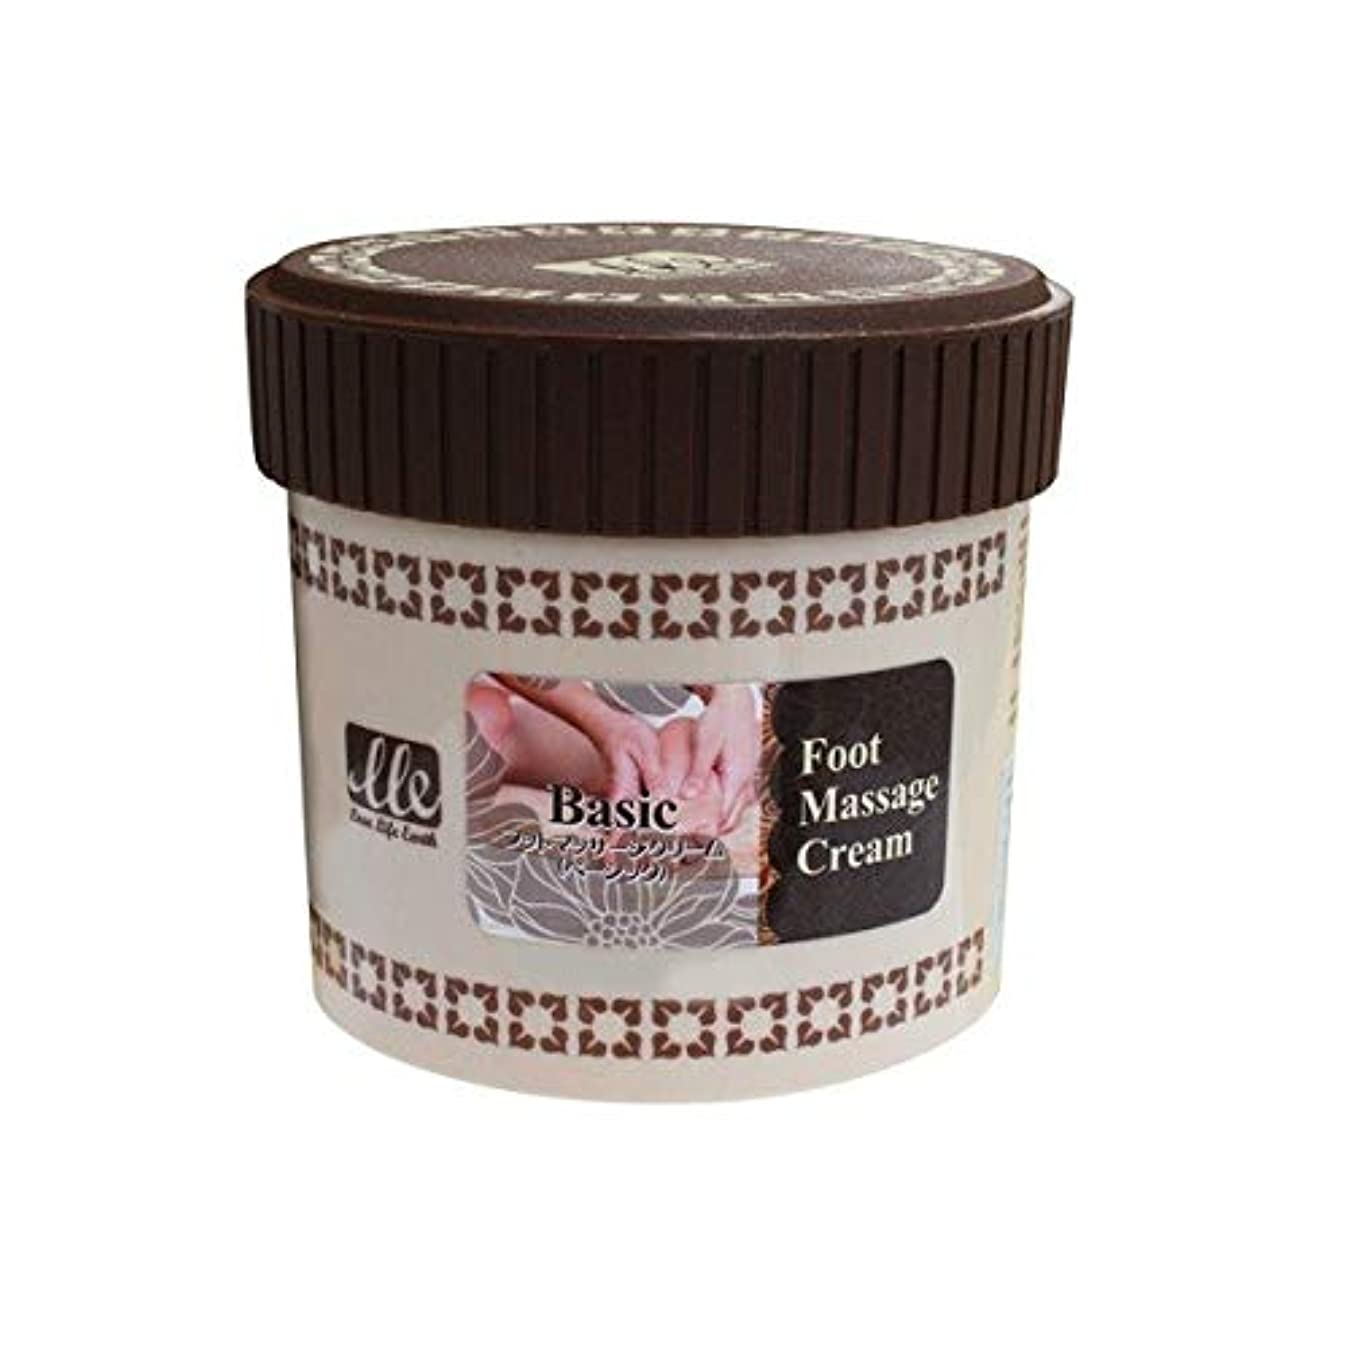 趣味思いつく独占LLE フットマッサージクリーム 業務用 450g (ベーシック) マッサージクリーム フットマッサージクリーム エステ用品